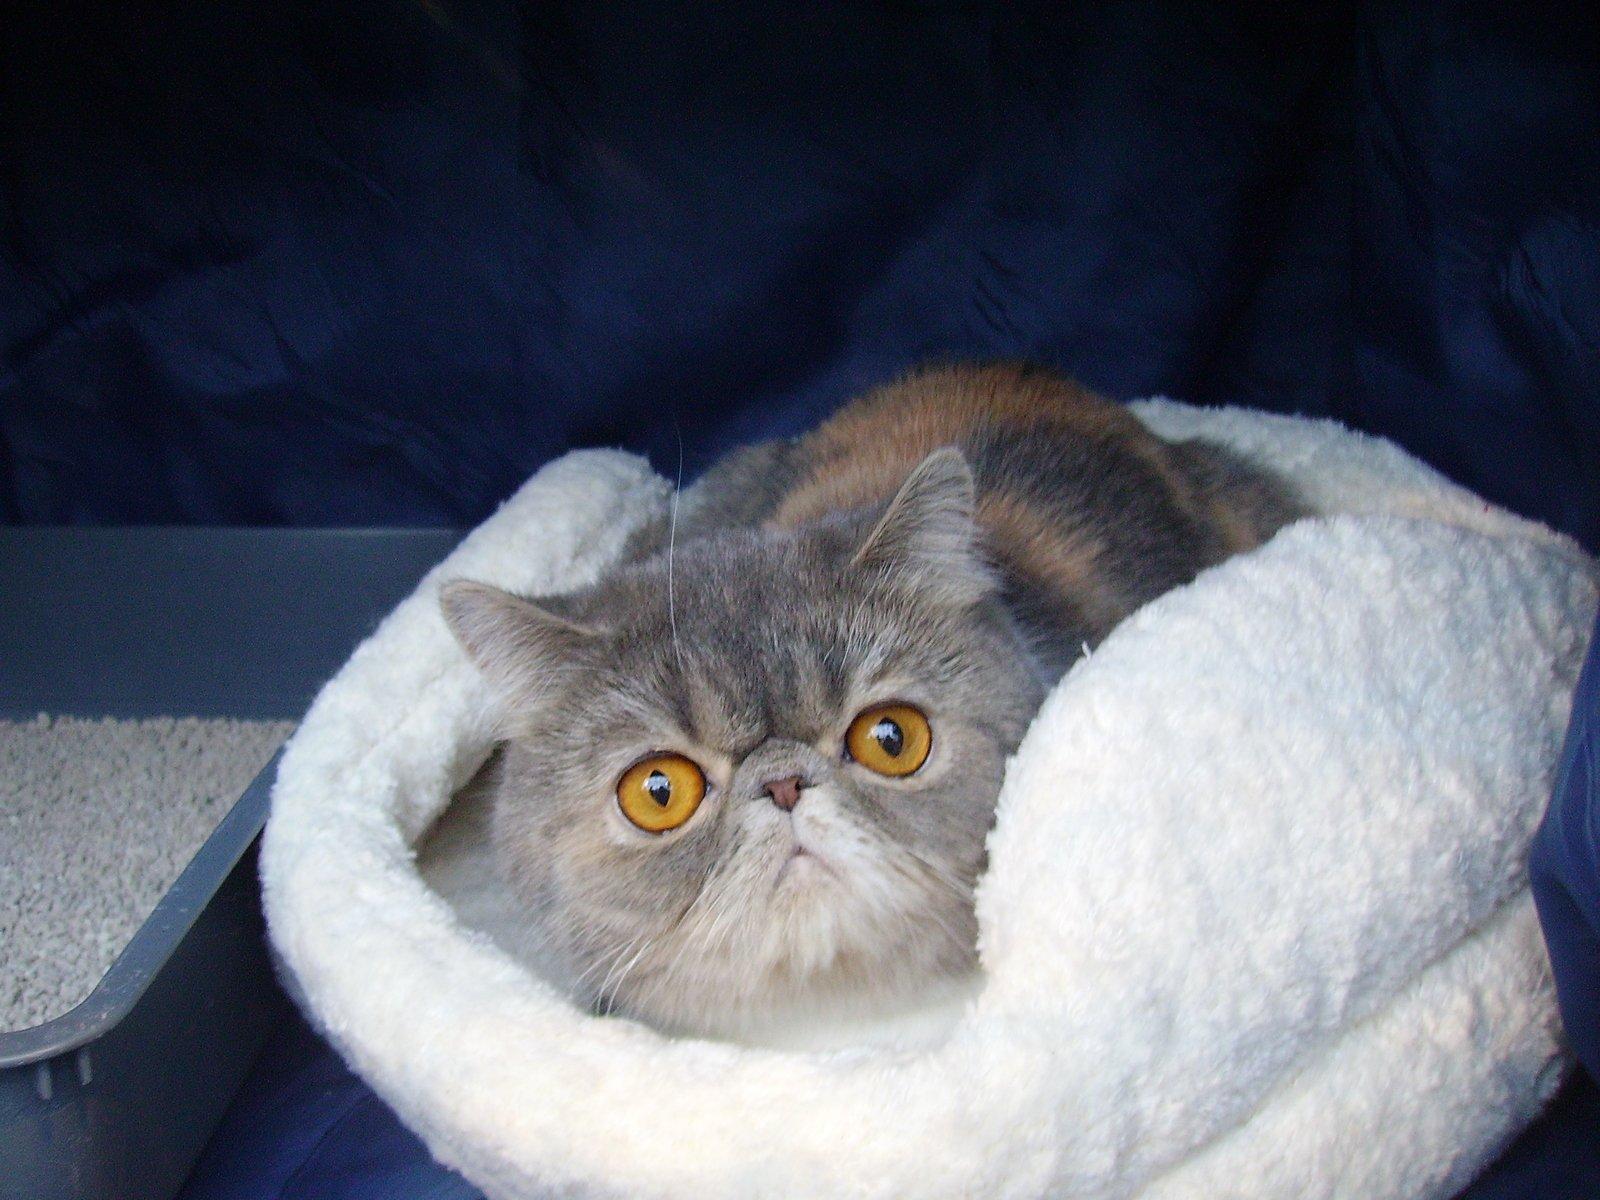 A baffled cat